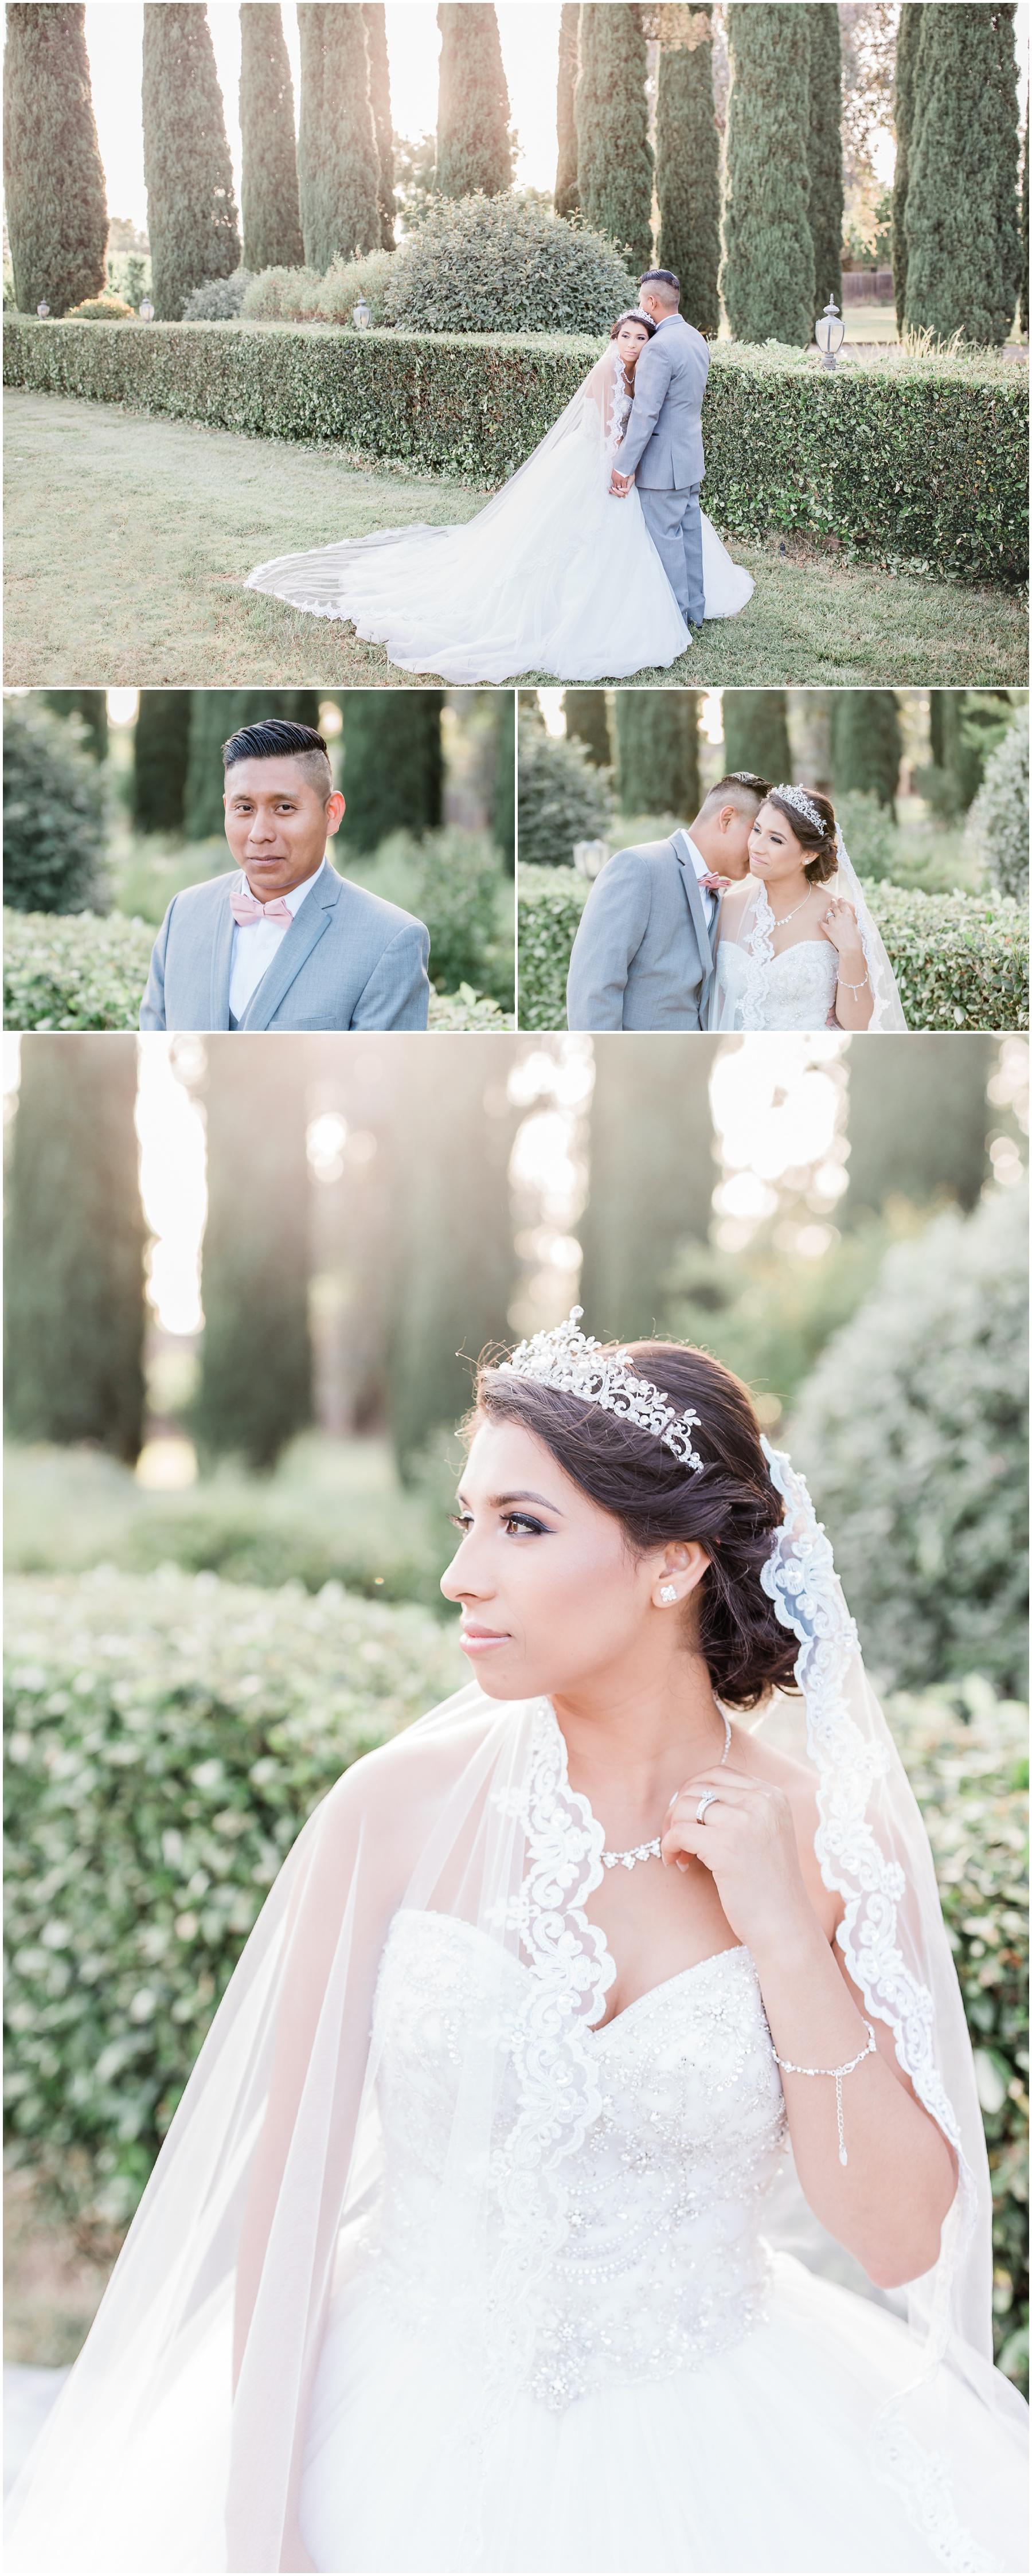 Stockton Wedding, Stockton Wedding Photographer, Stockton Wedding Photography, Lodi Photographer, Wedding Portrait Photography by KCM Photography, a Fine Art Wedding and Portrait Photographer based in Lodi, CA